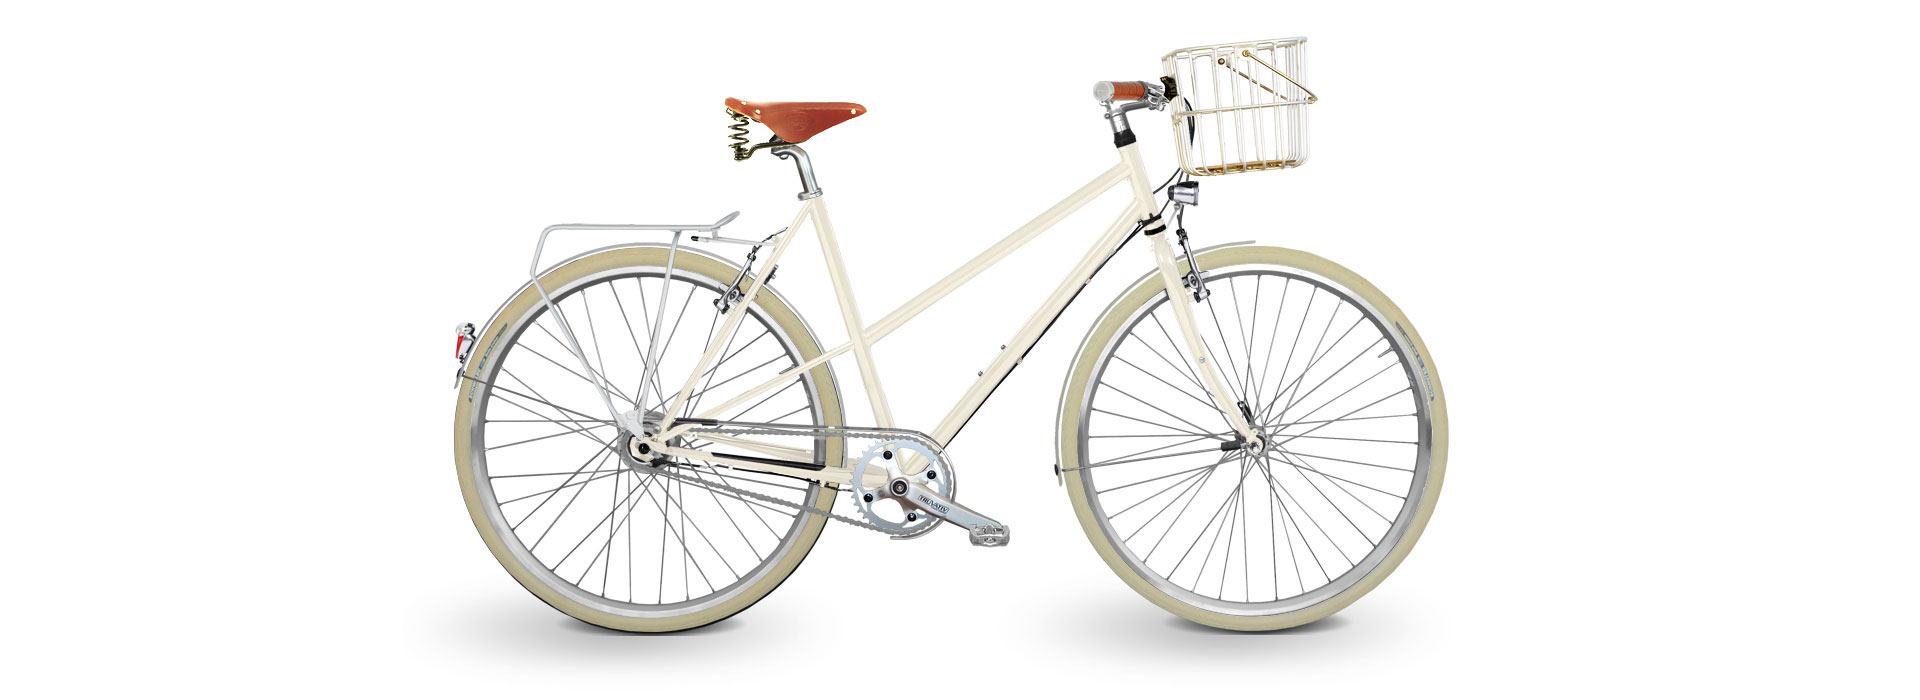 KreativRad - Damenrad weiß